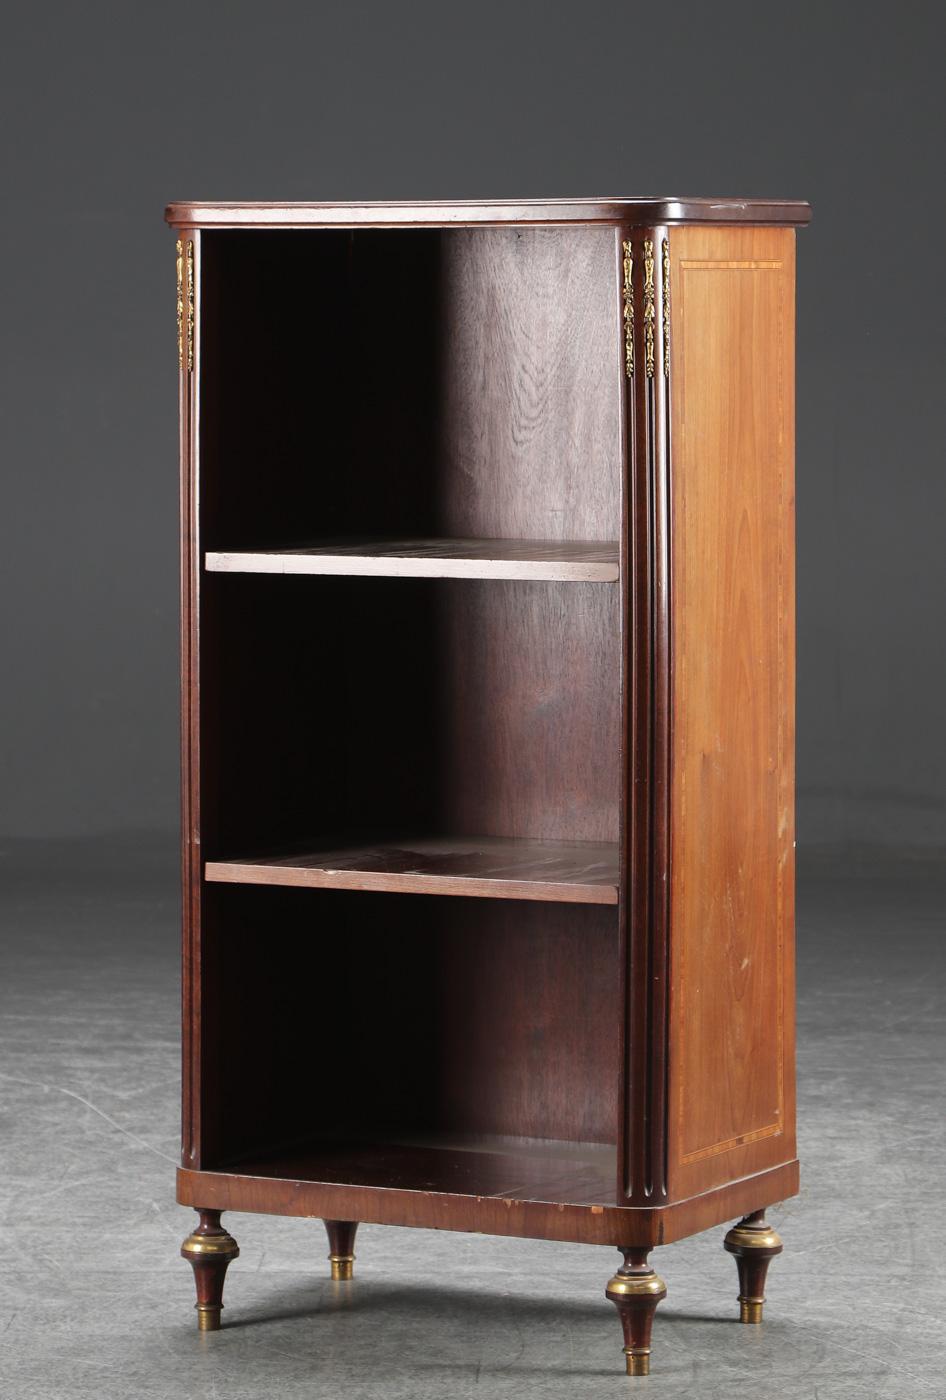 Reol af mahogni, rokokoform, 1900-tallets 1. halvdel - Rokokoform reol af mahogni, prydet med beslag af bronze. 1900-tallets første halvdel. Fremstår med alders- og brugsrelateret slitage. H. 105 cm B. 53 cm D. 33 cm